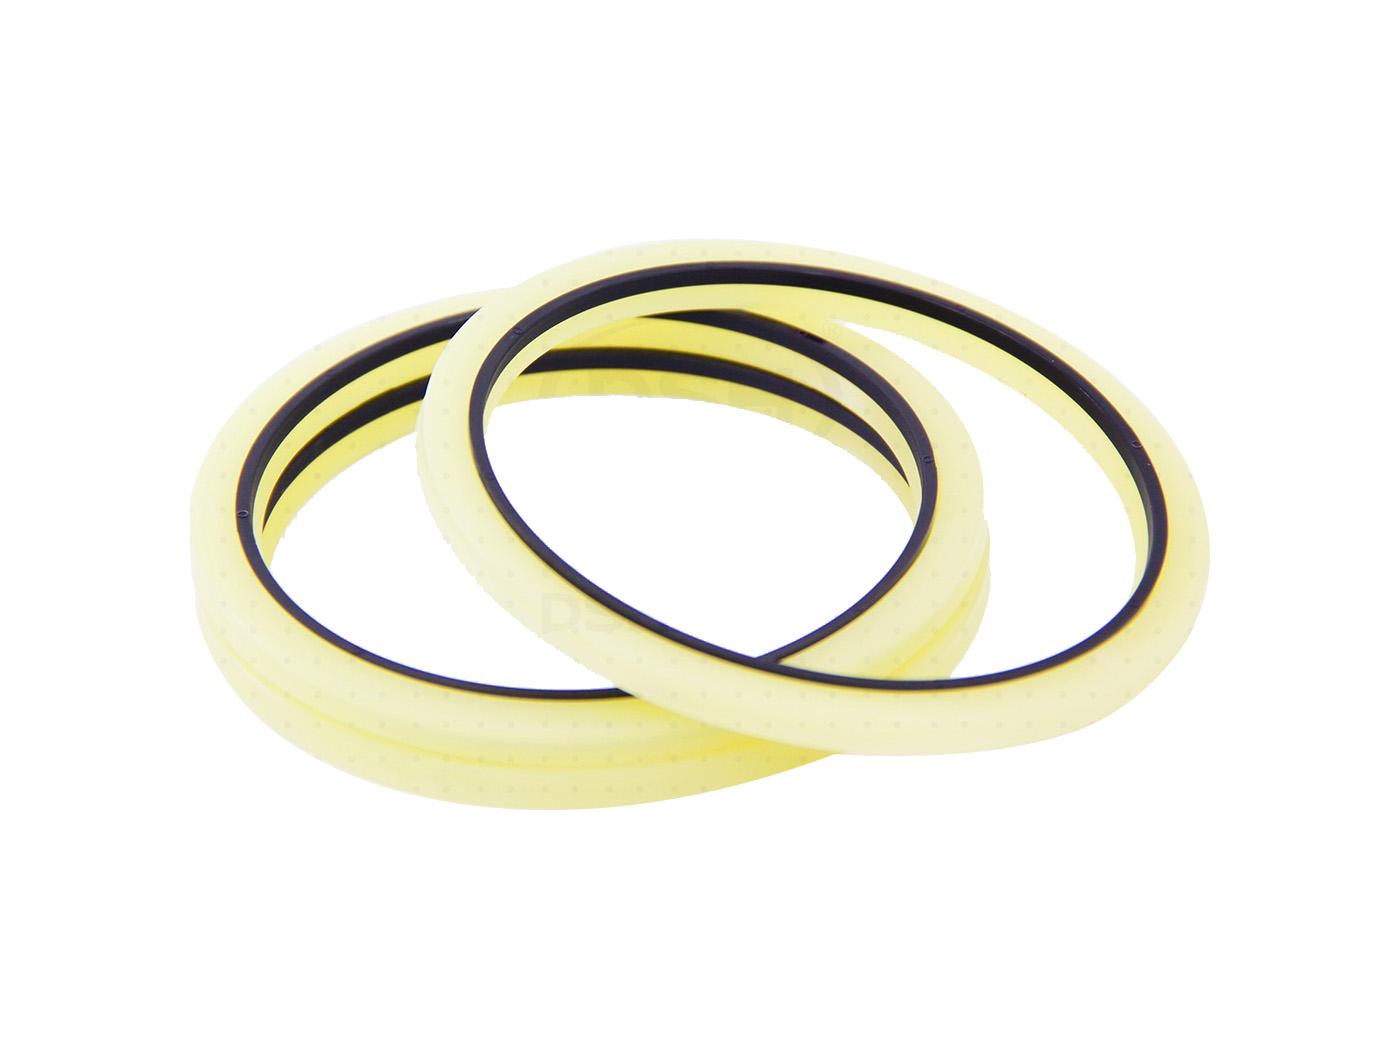 DSH-Find Hydraulic Rod Seals Hby - Hydraulic Rod Seal Buffer Ring